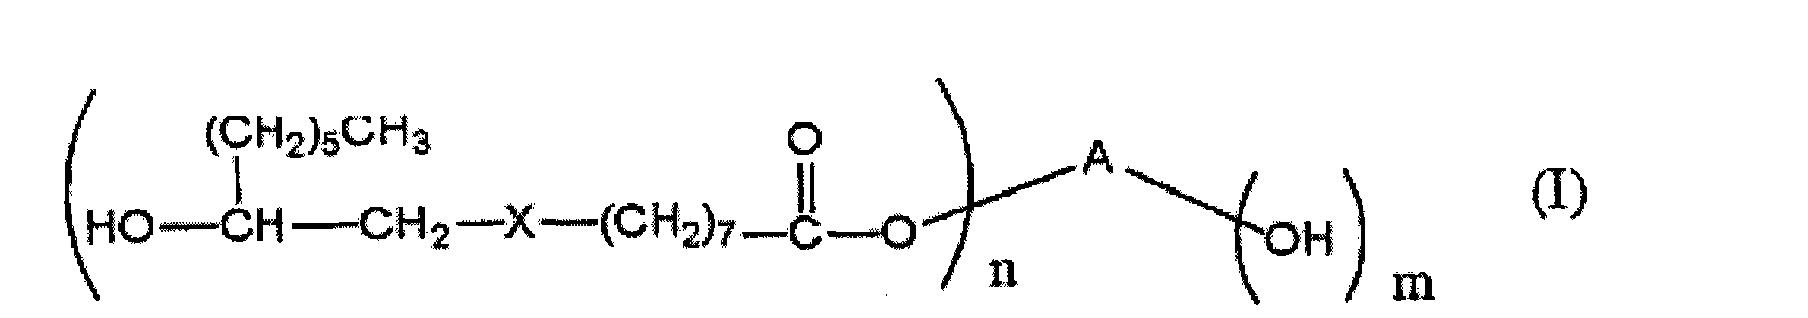 Figure CN101679588BD00032